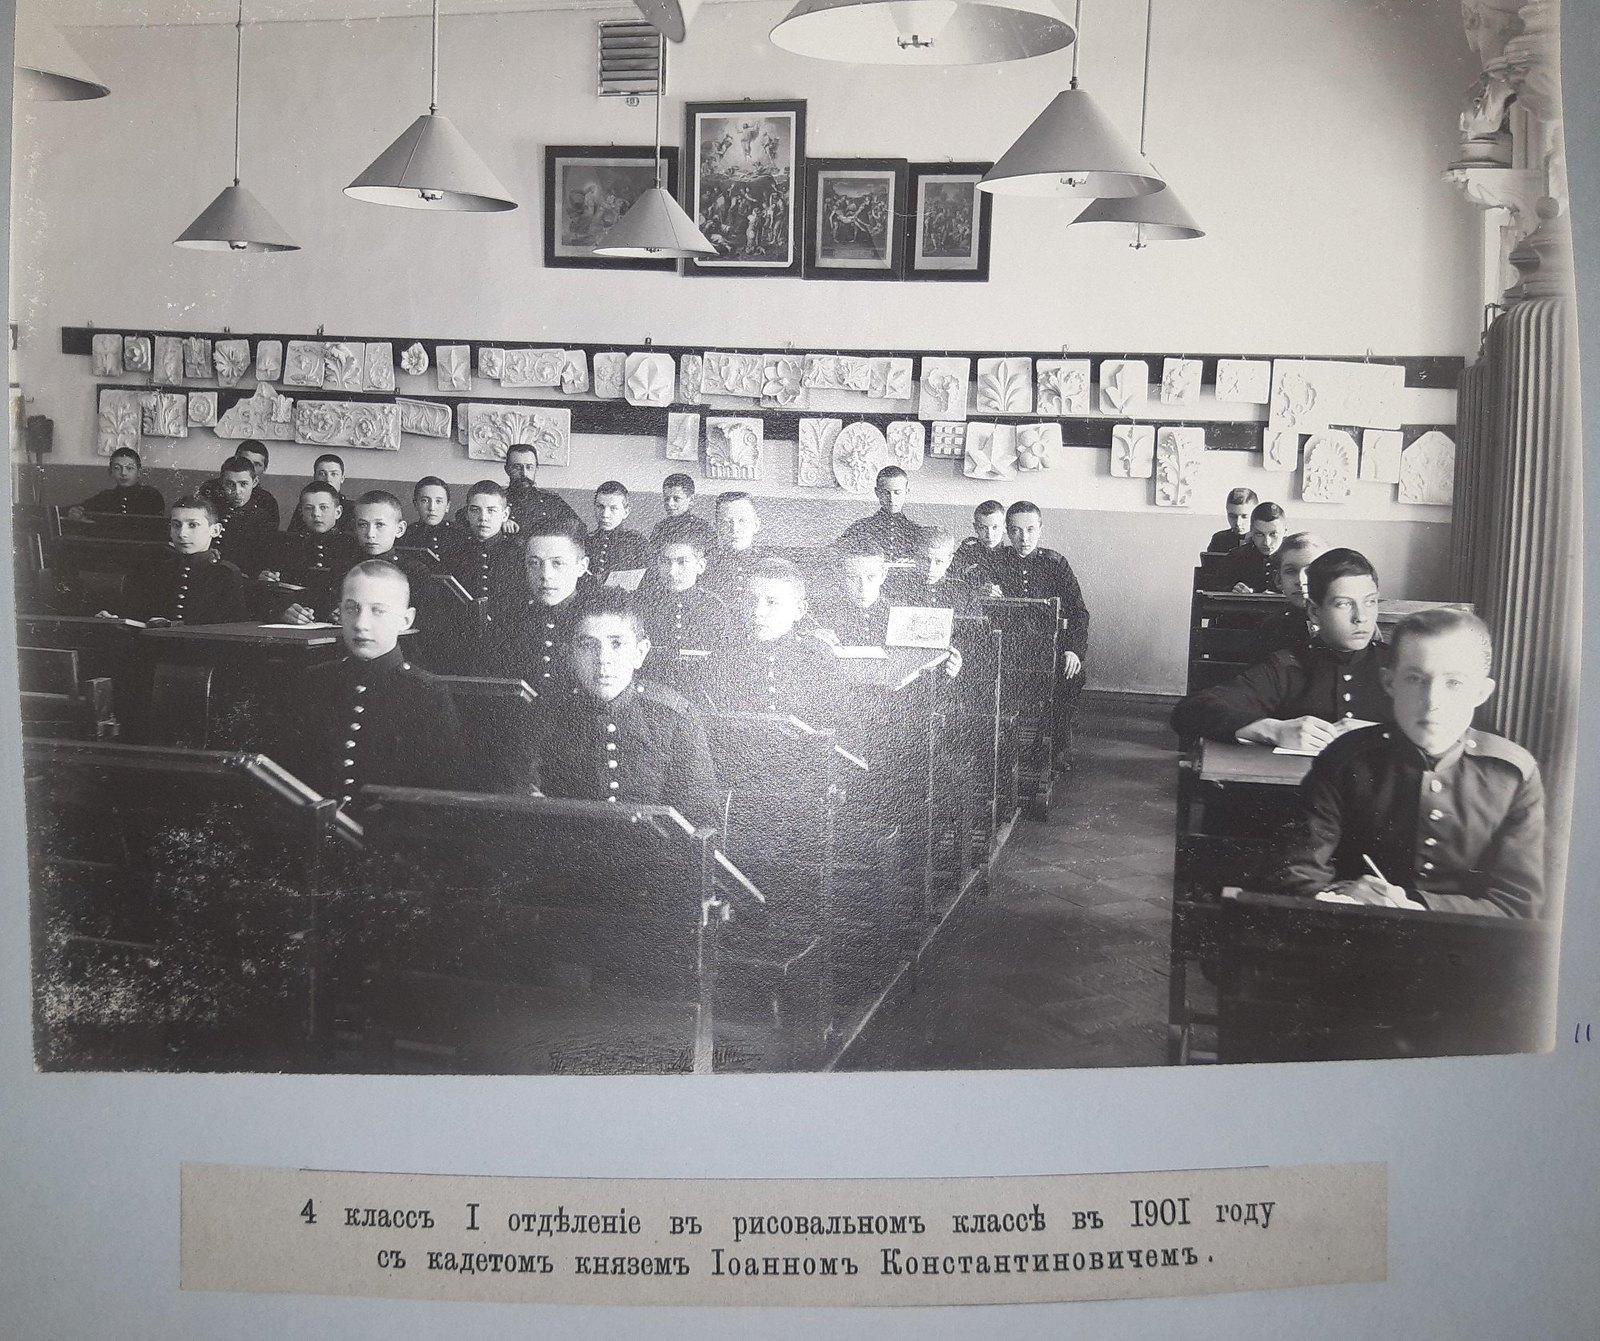 35. 4 класс I отделение в рисовальном классе. На первой парте слева - кадет, князь И.К. Романов